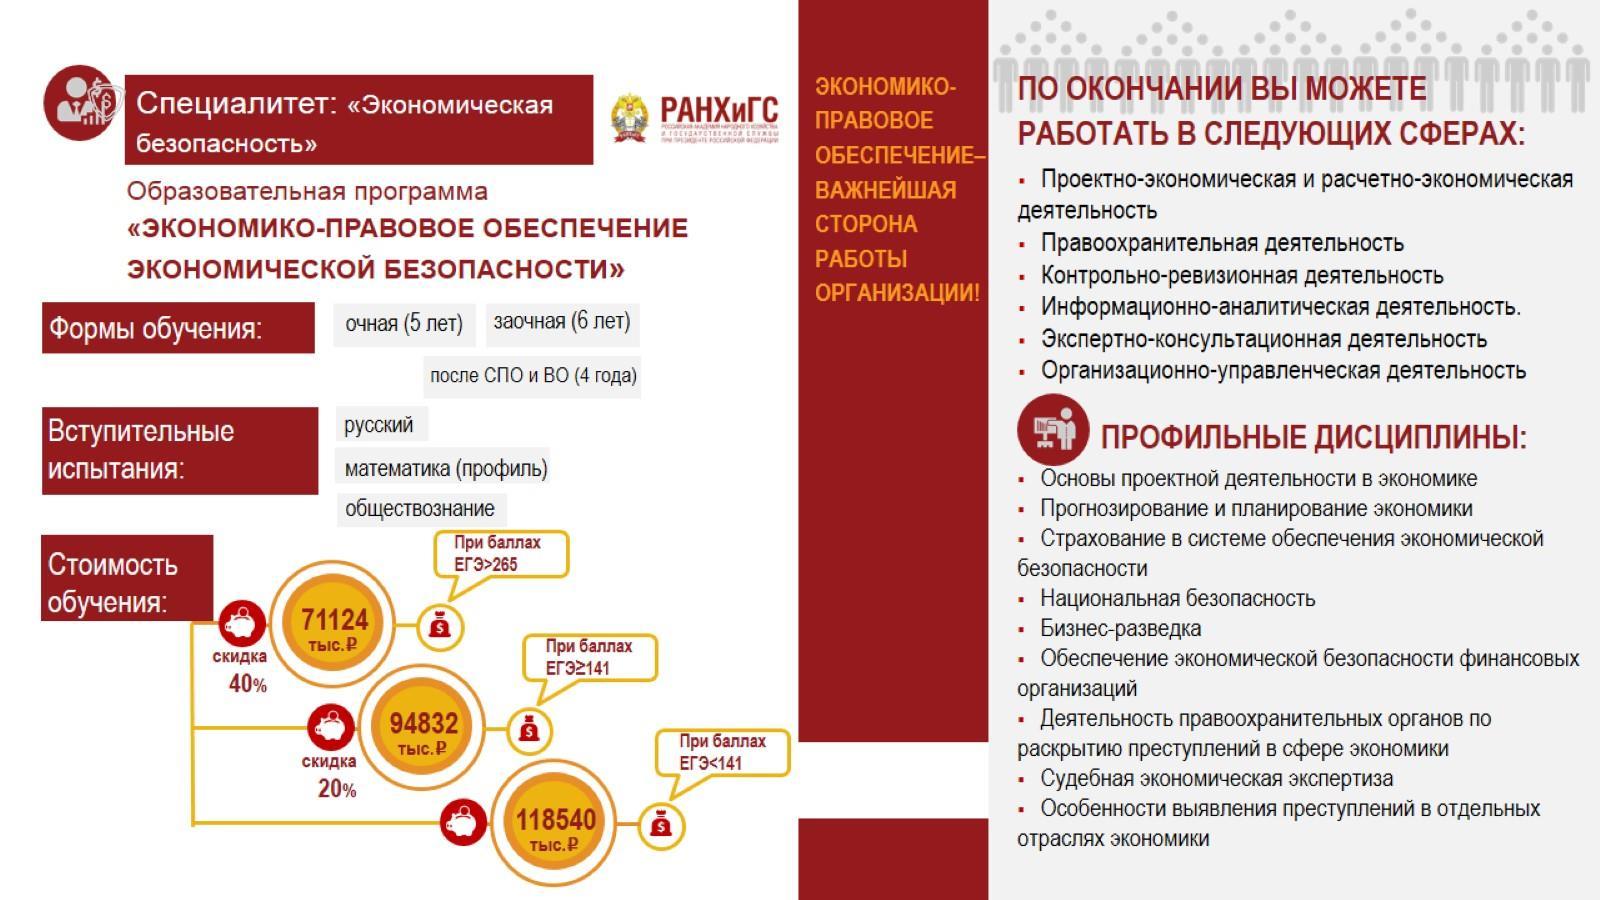 Специалитет – это... определение, преимущества и недостатки :: syl.ru